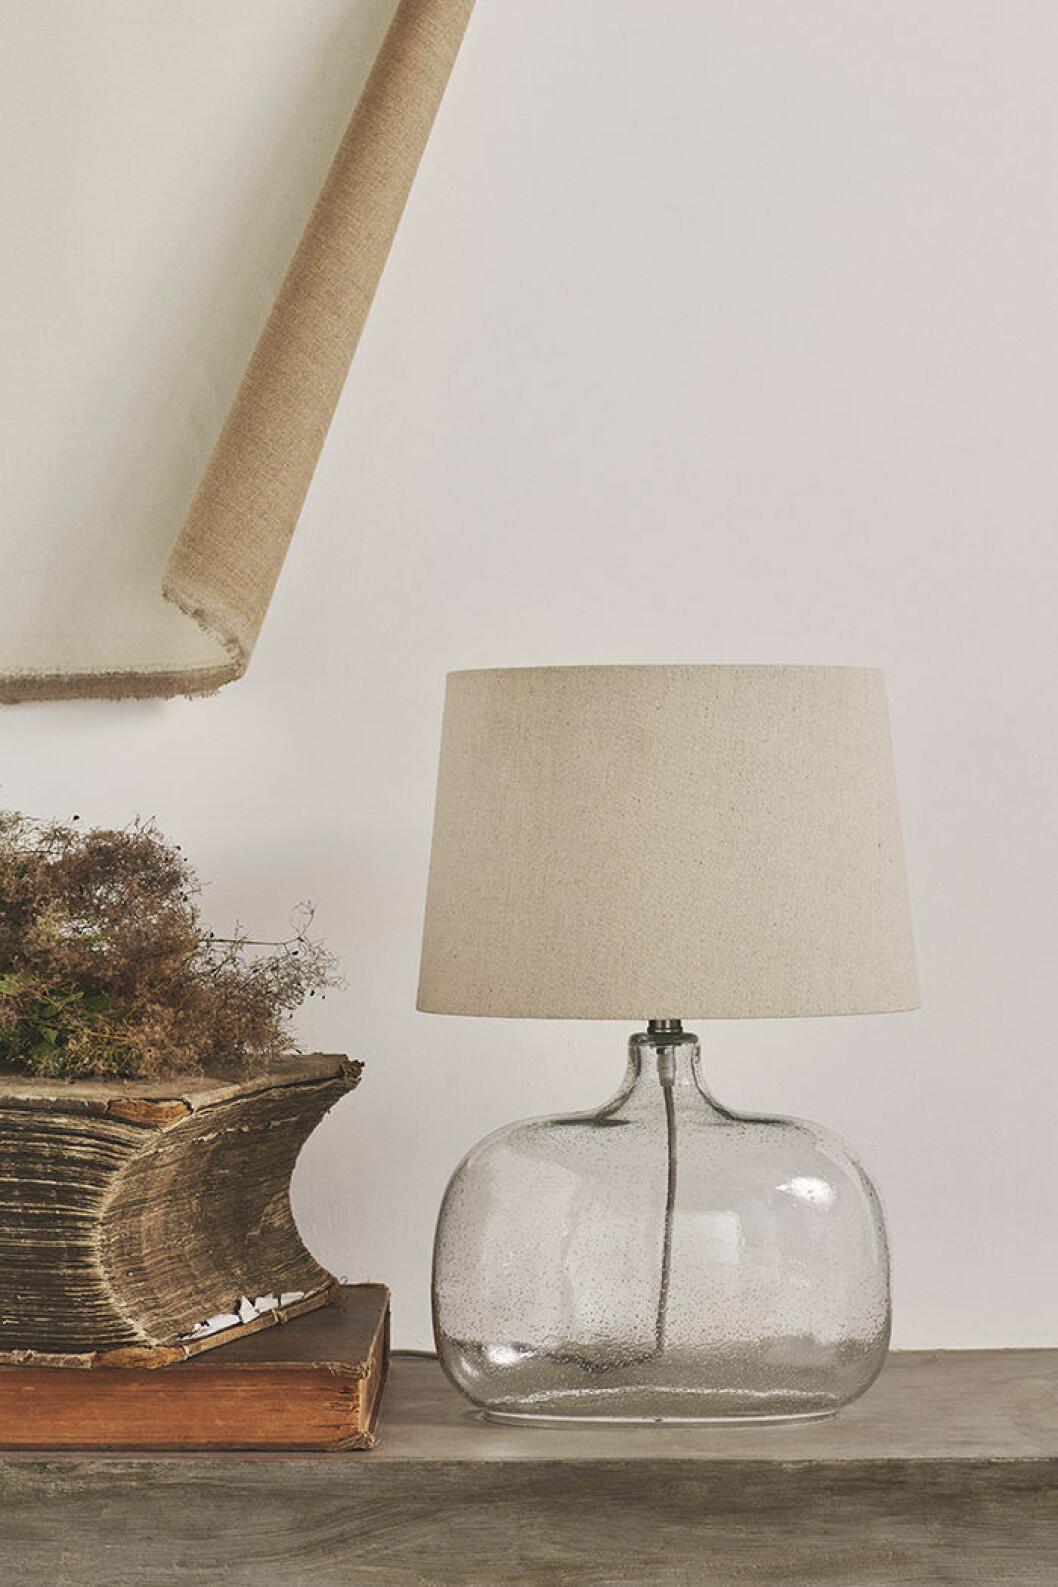 Bordslampa ur Zara Homes höstkollektion